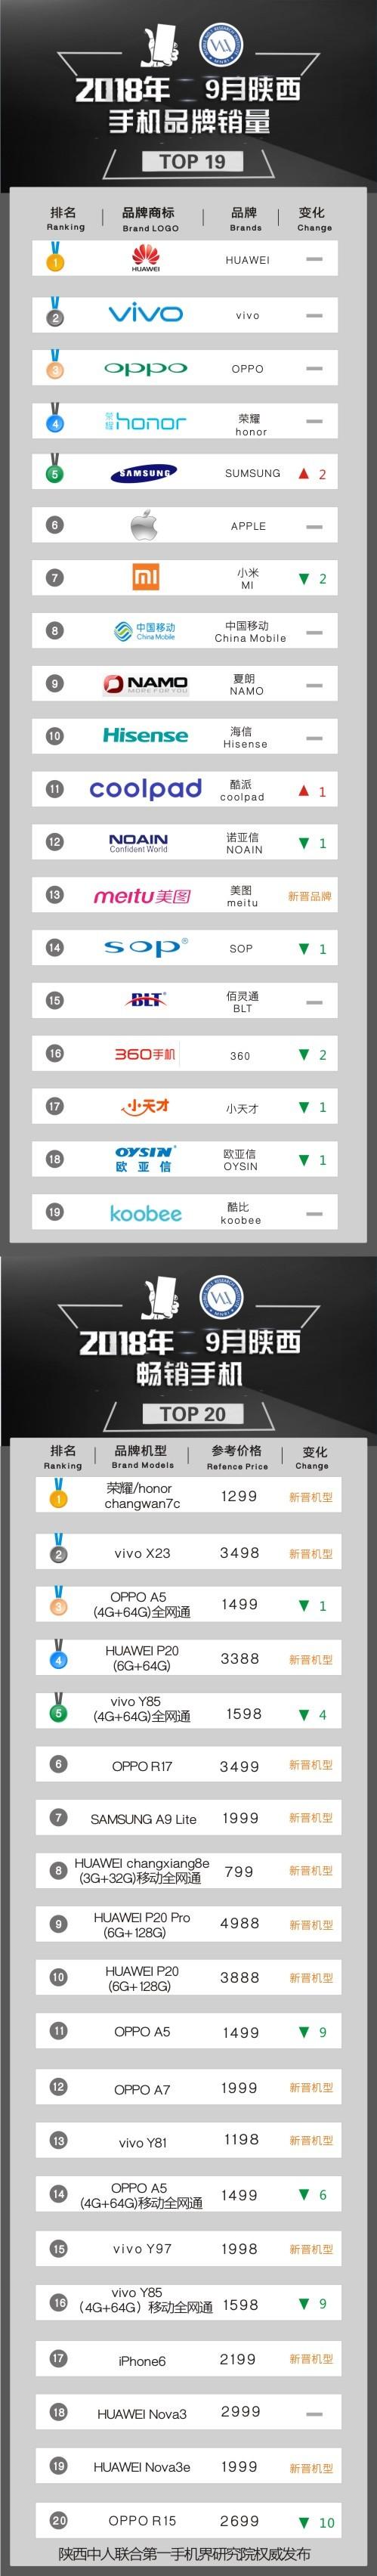 2018年9月陕西畅销手机市场TOP20:荣耀畅玩7C夺魁 华为OV三足鼎立